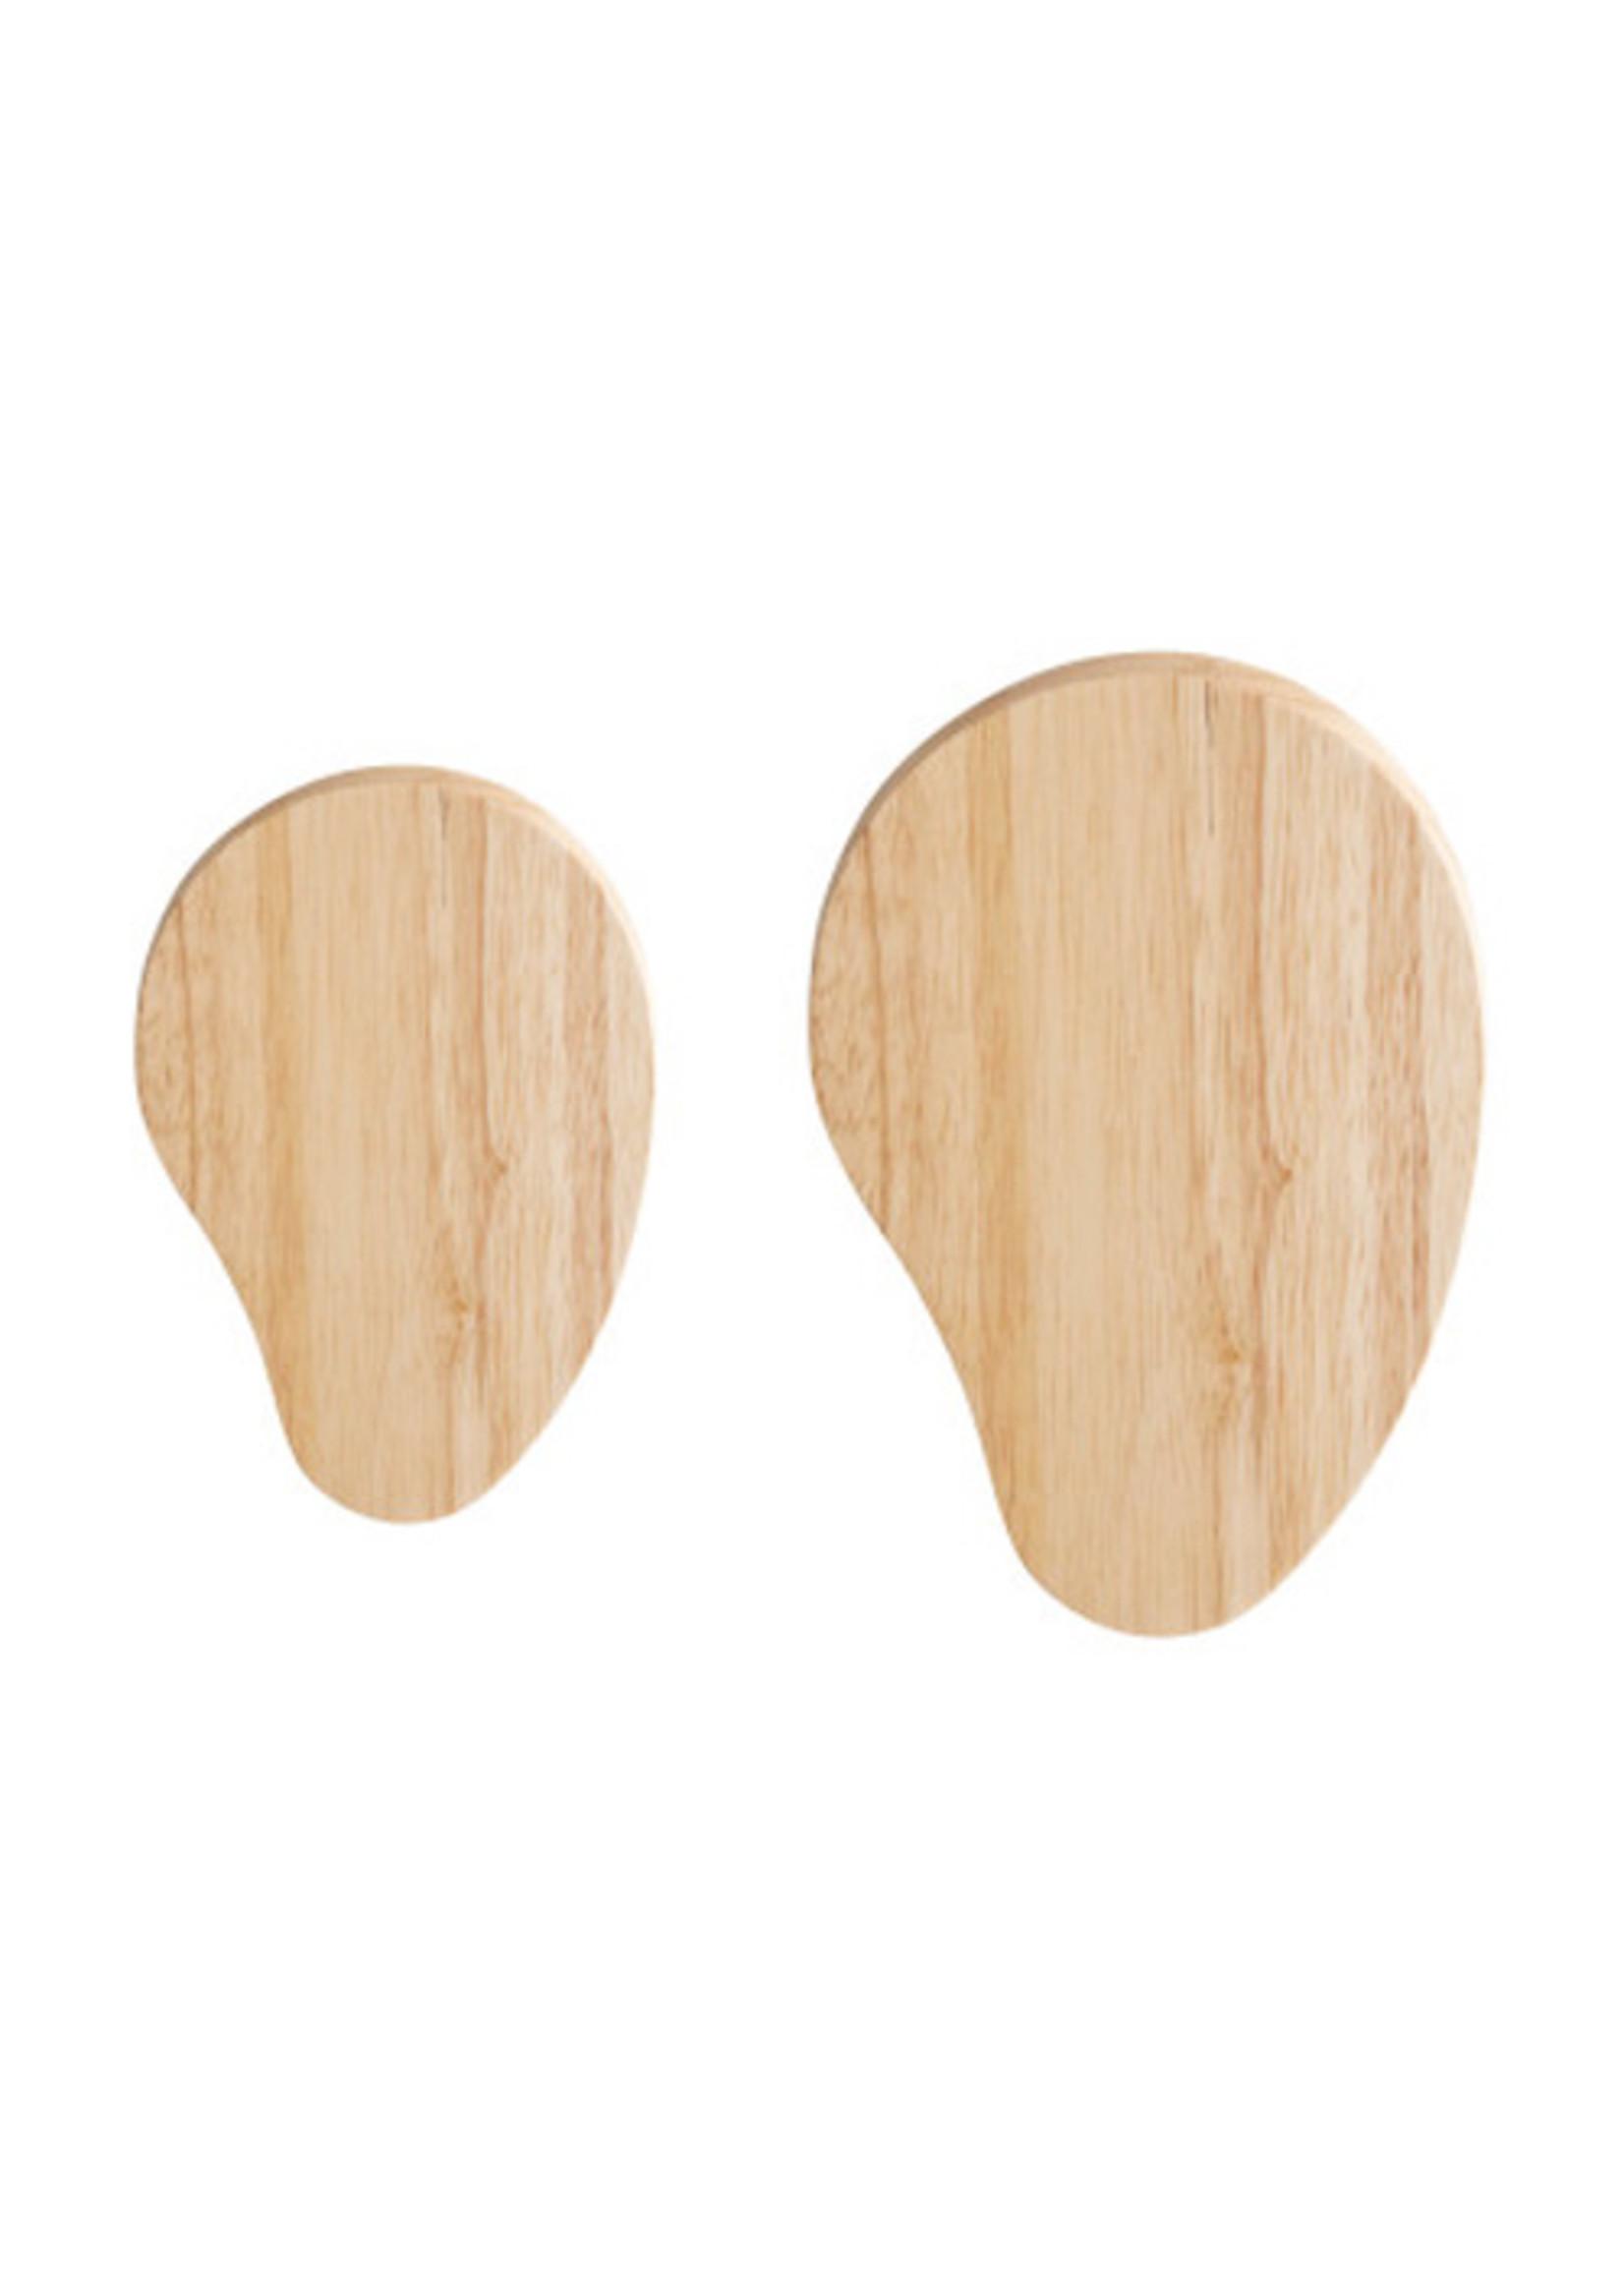 Rubberwood Serving Board